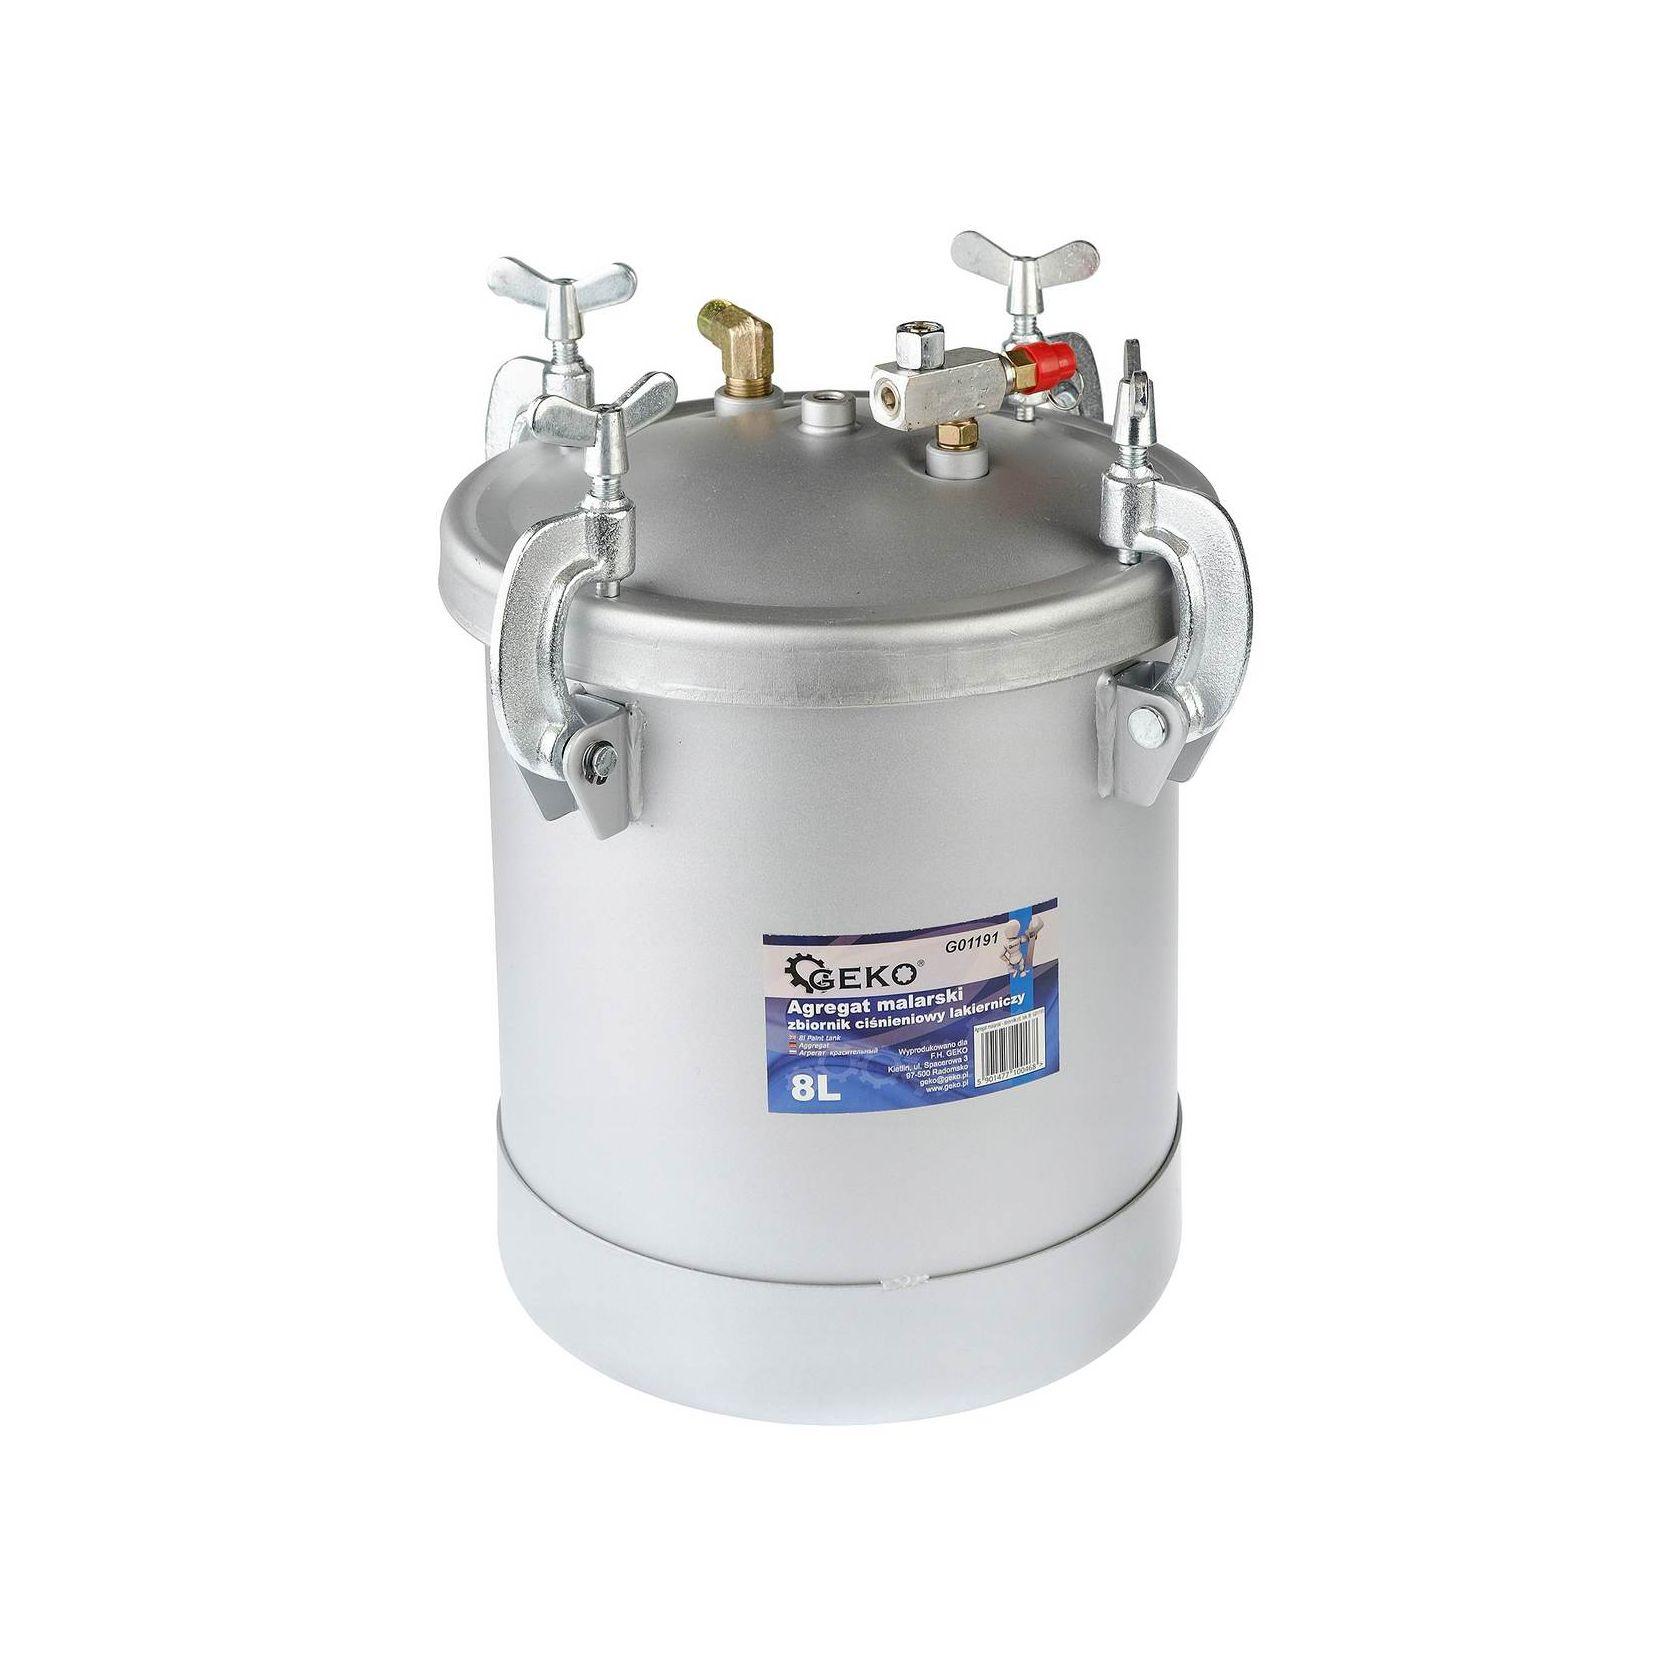 Agregat malarski- zbiornik lakierniczy ciśnieniowy 8l GEKO3